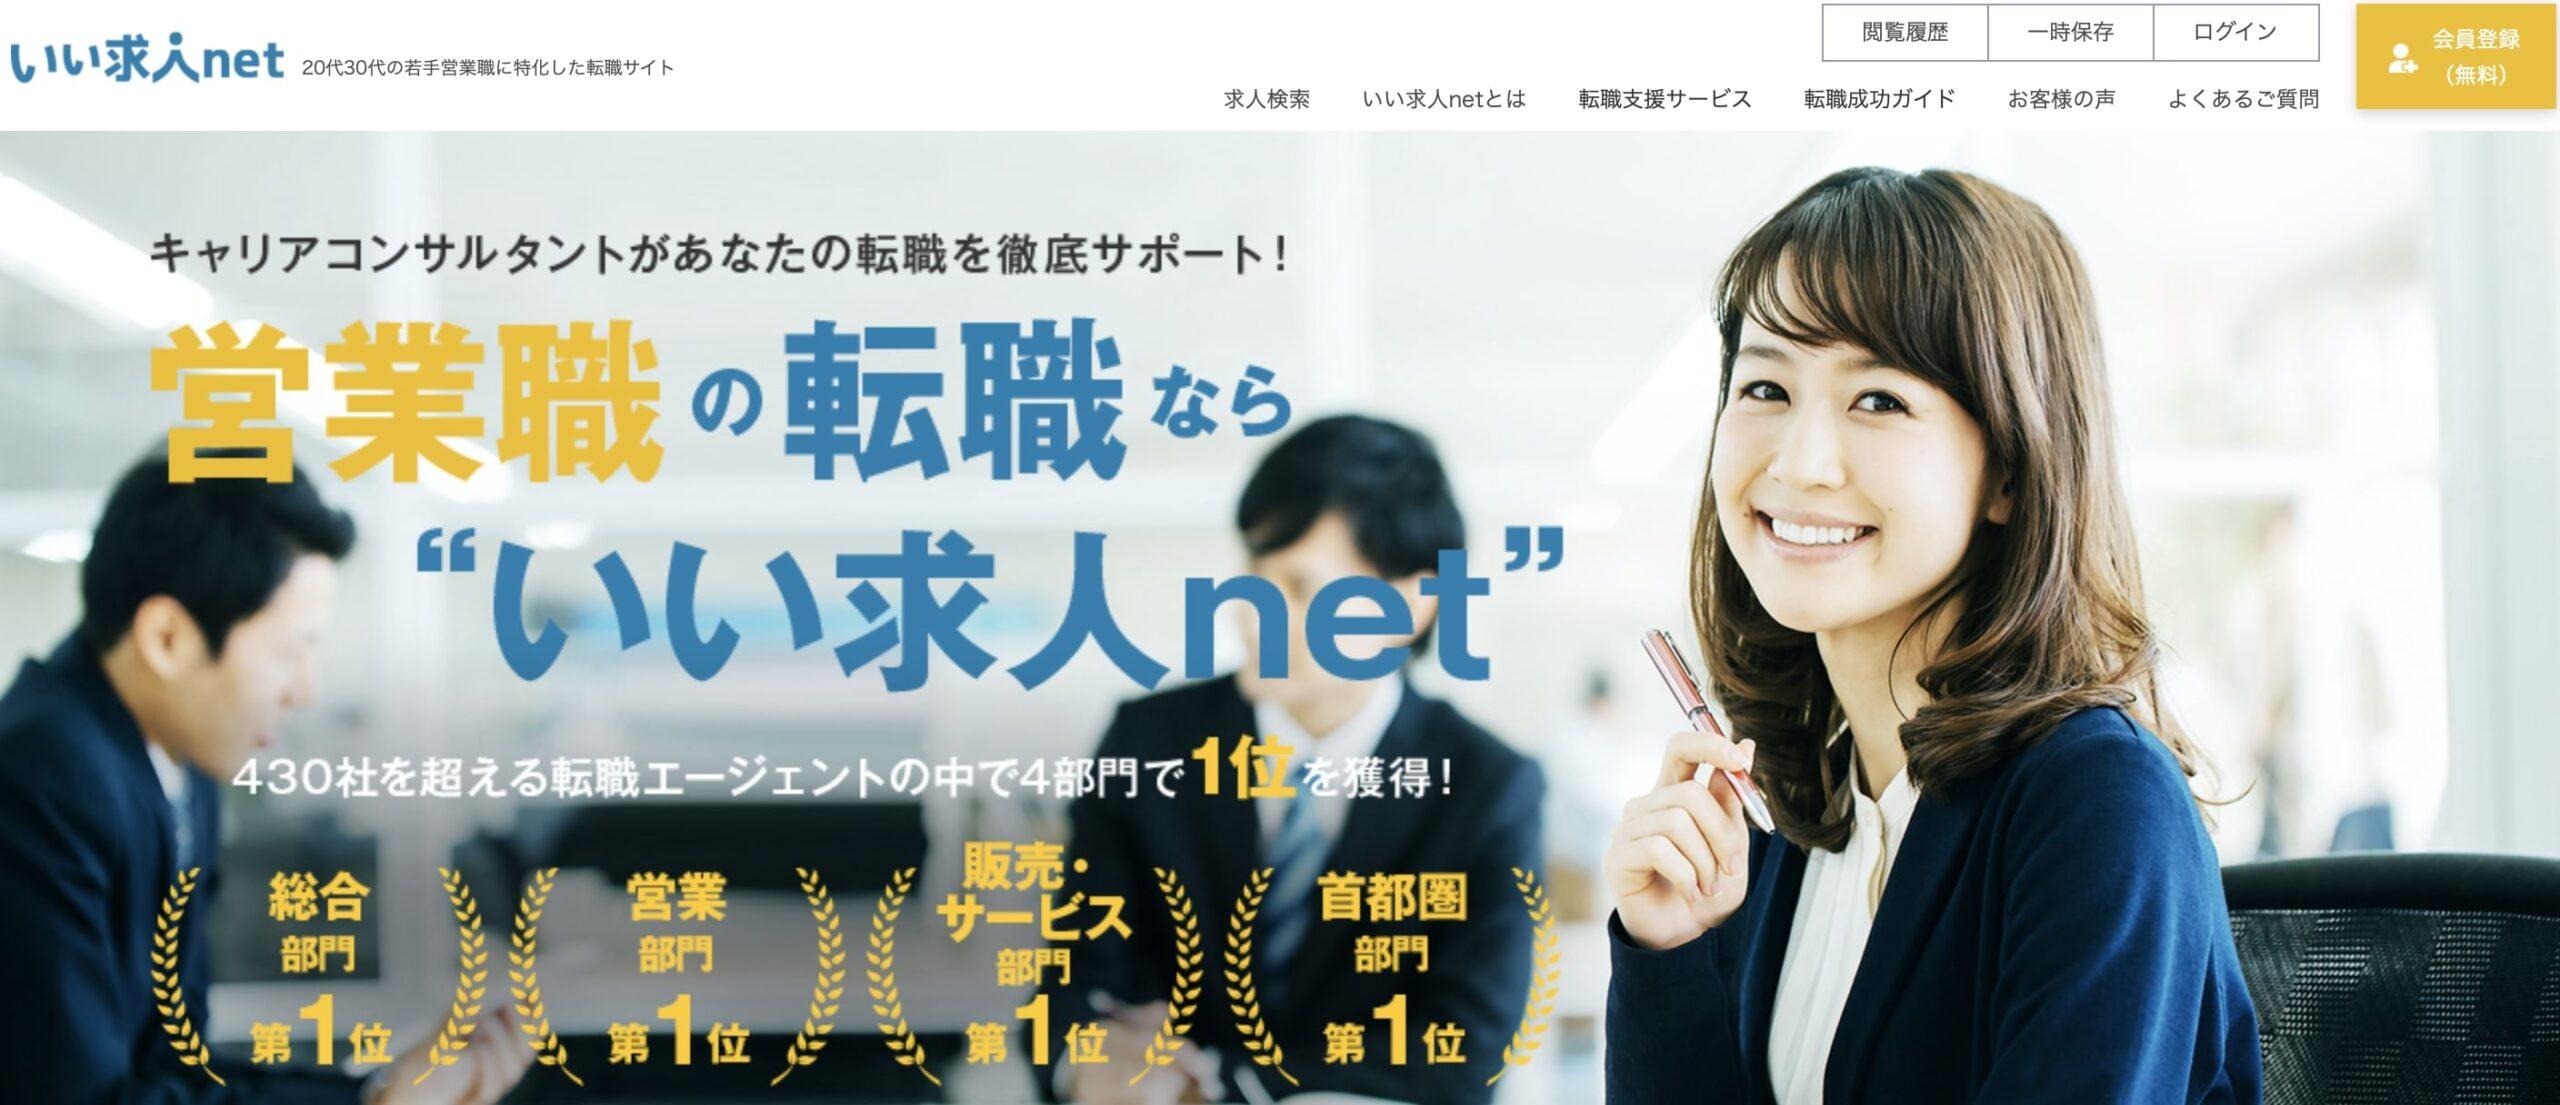 いい求人ネット(net)のトップページ